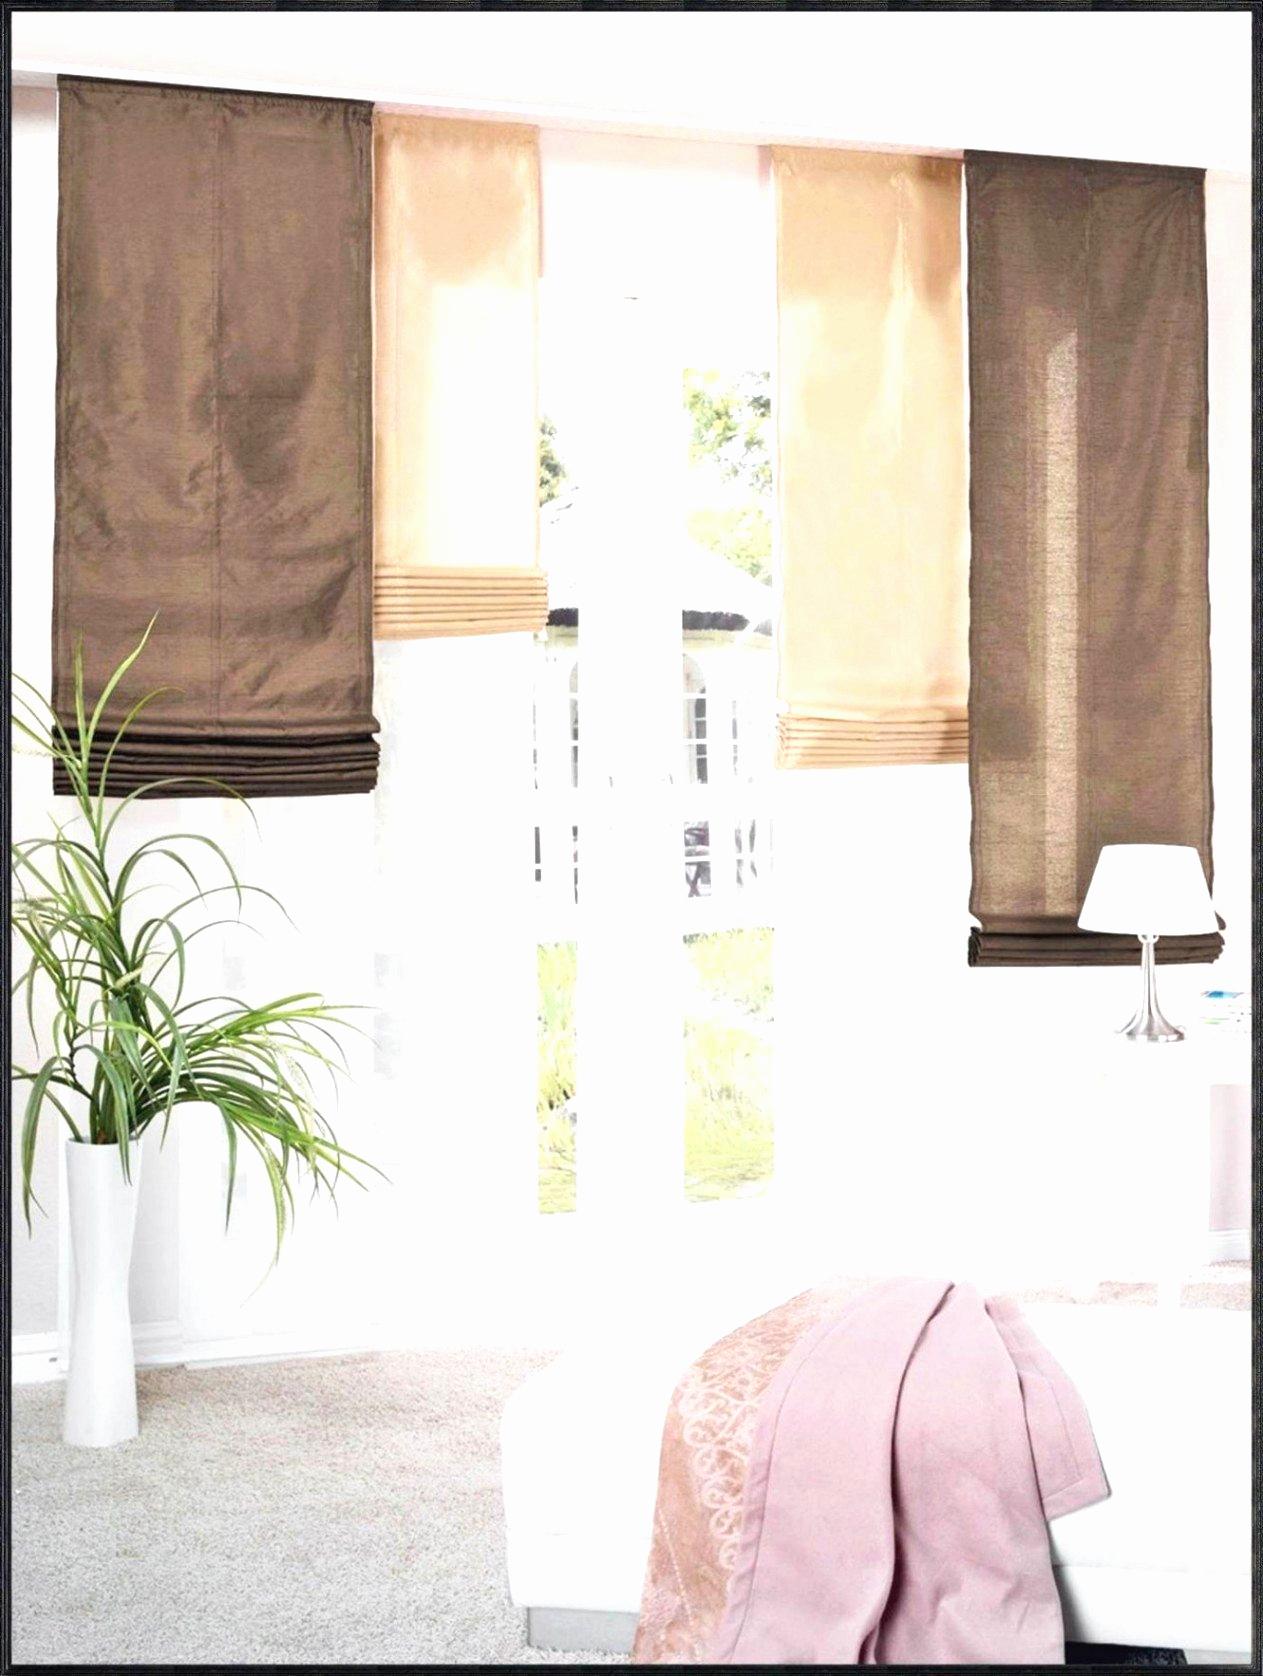 pinterest deko ideen elegant ikea ideen schlafzimmer sammlungen ikea schlafzimmer deko of pinterest deko ideen